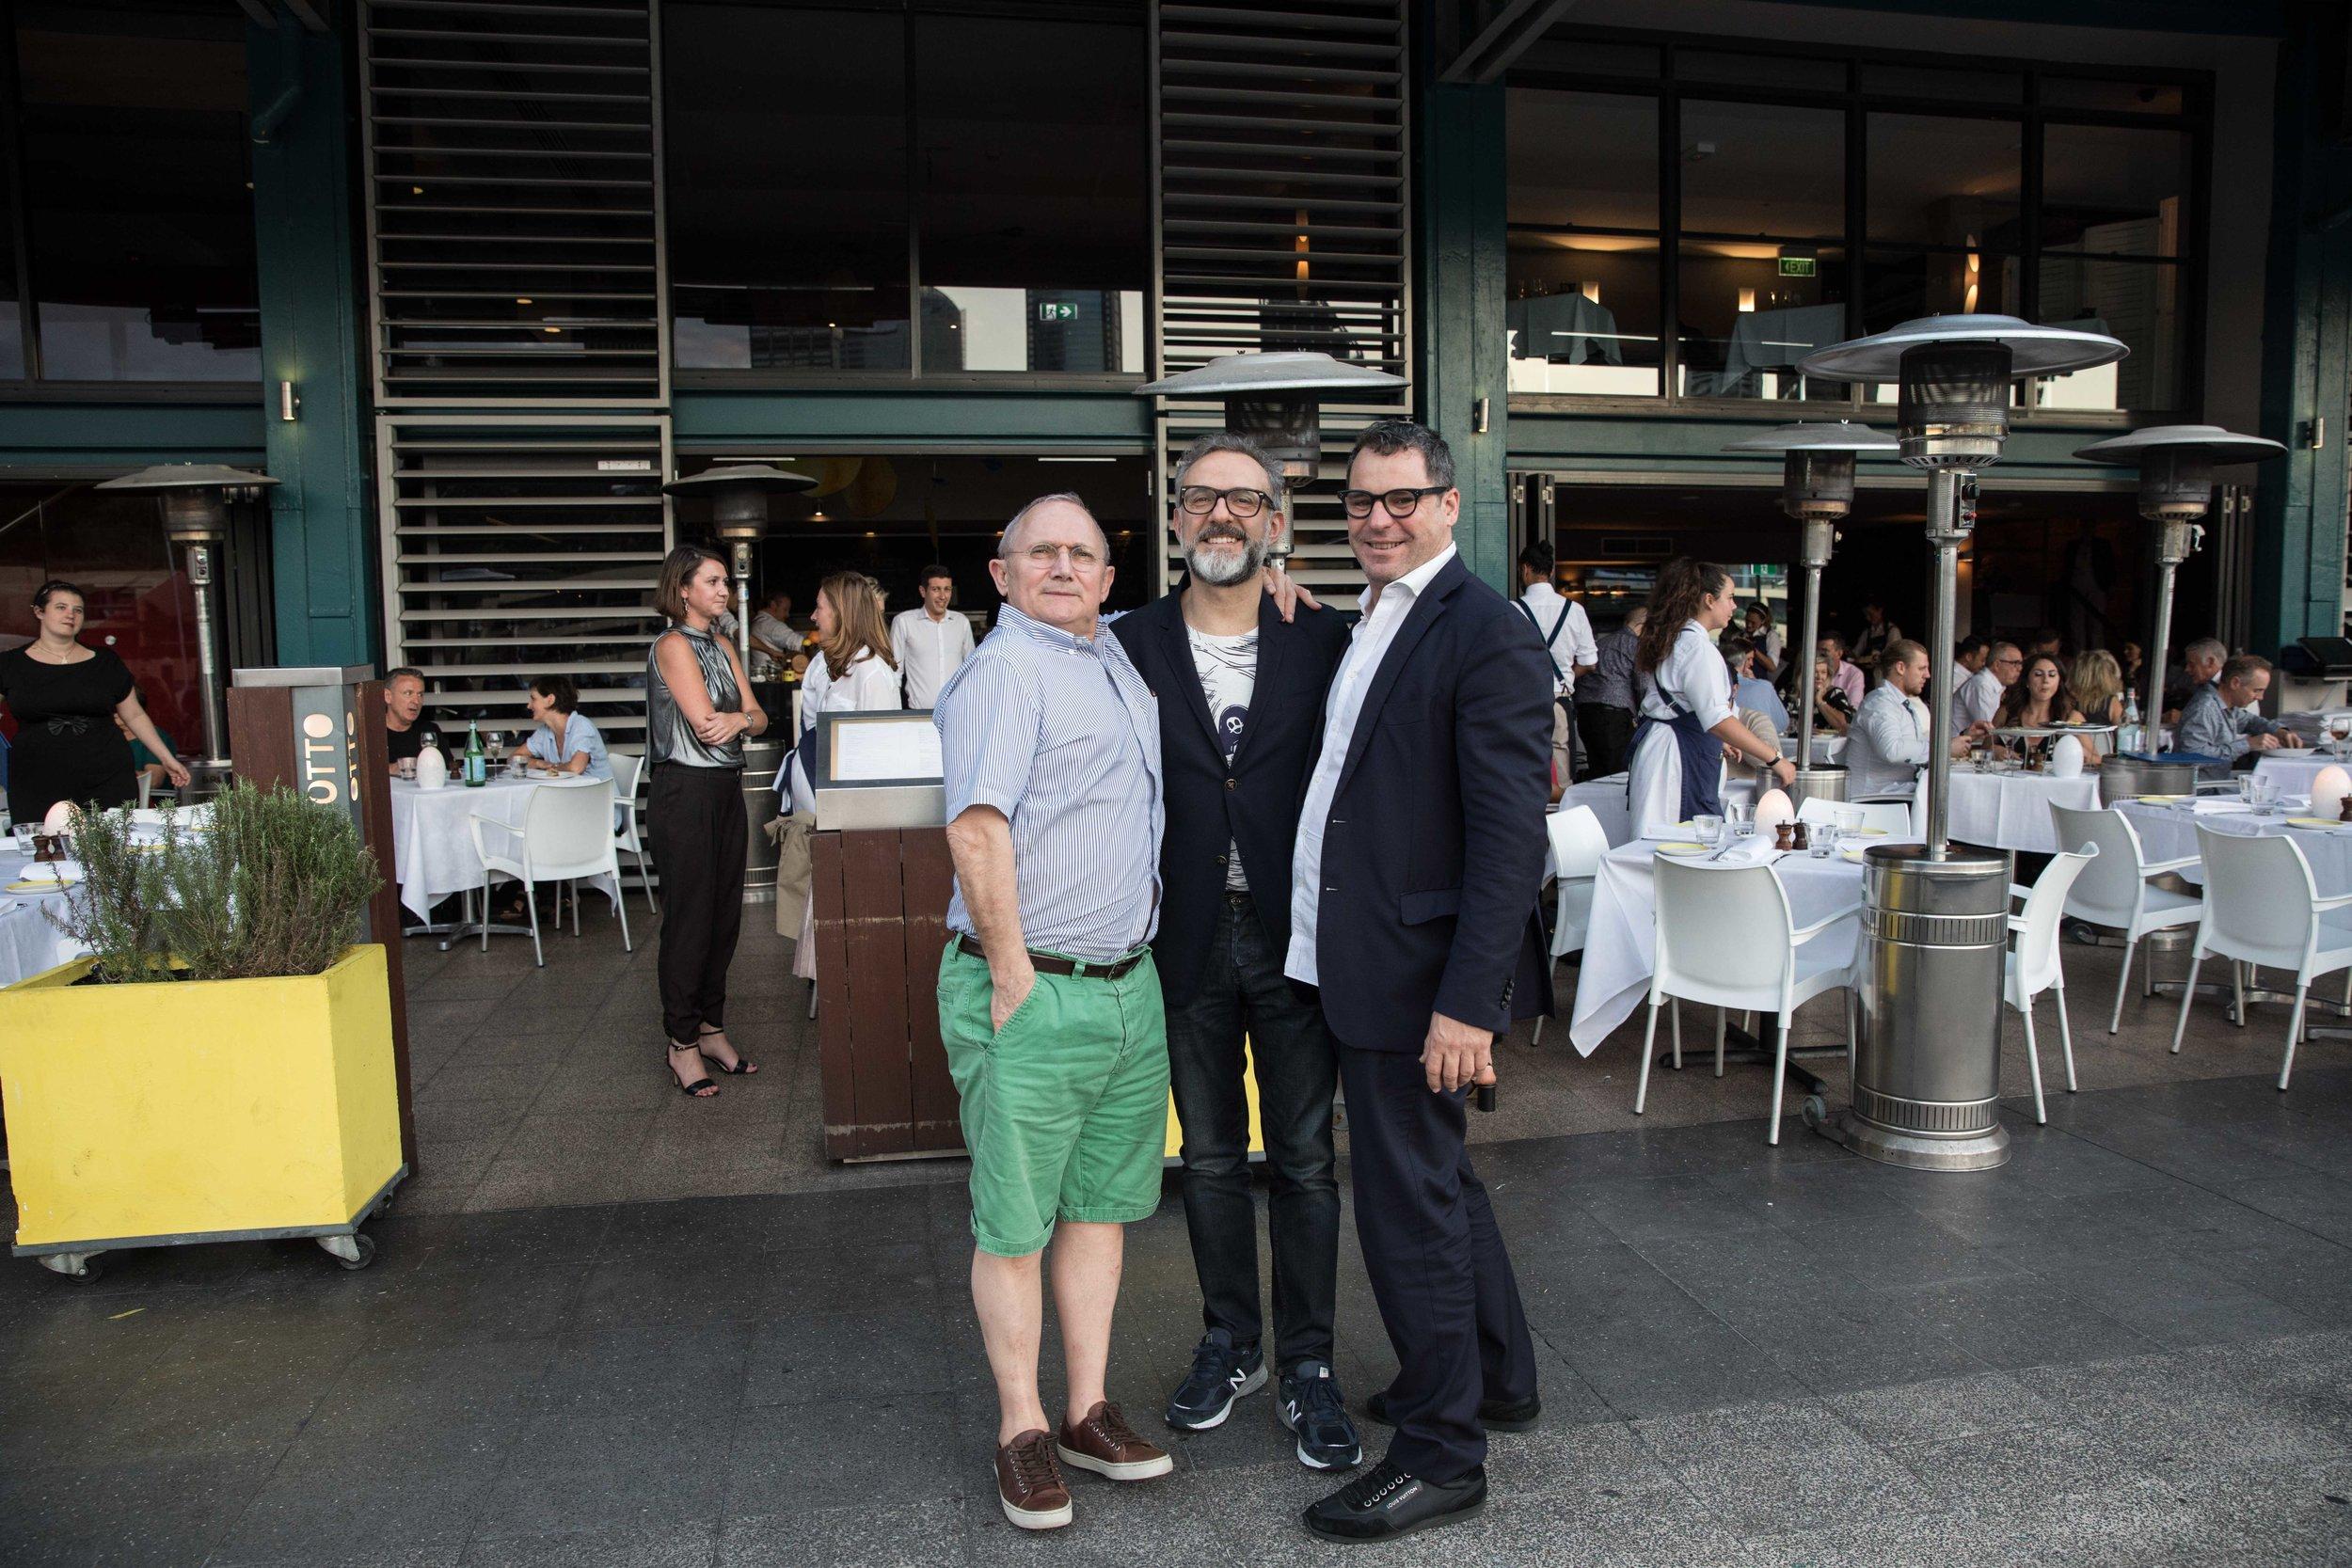 lavazza-massimo-bottura-worlds-50-best-restaurants-awards-2017-trevor-gulliver-john-fink-otto-owner.jpg